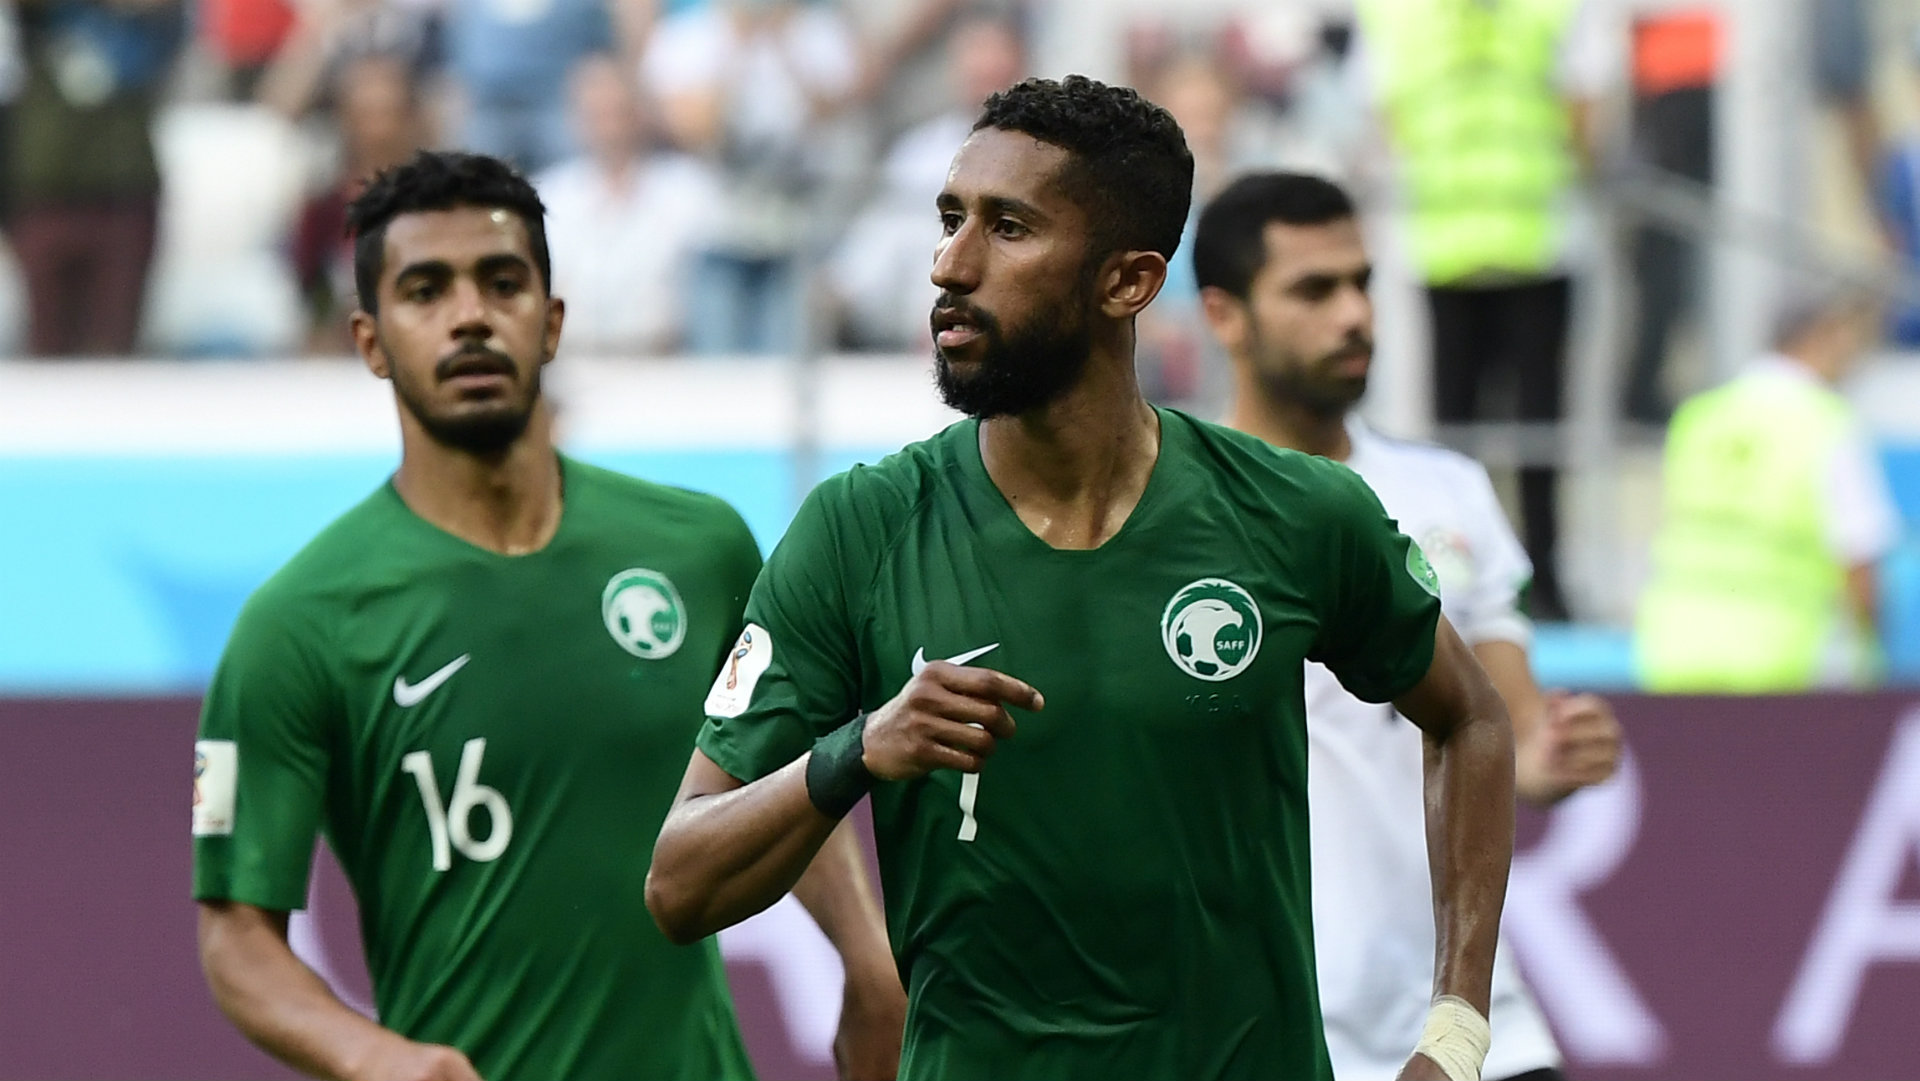 استبعاد سلمان الفرج من قائمة المنتخب السعودي في كأس آسيا للإصابة واستدعاء نوح الموسى